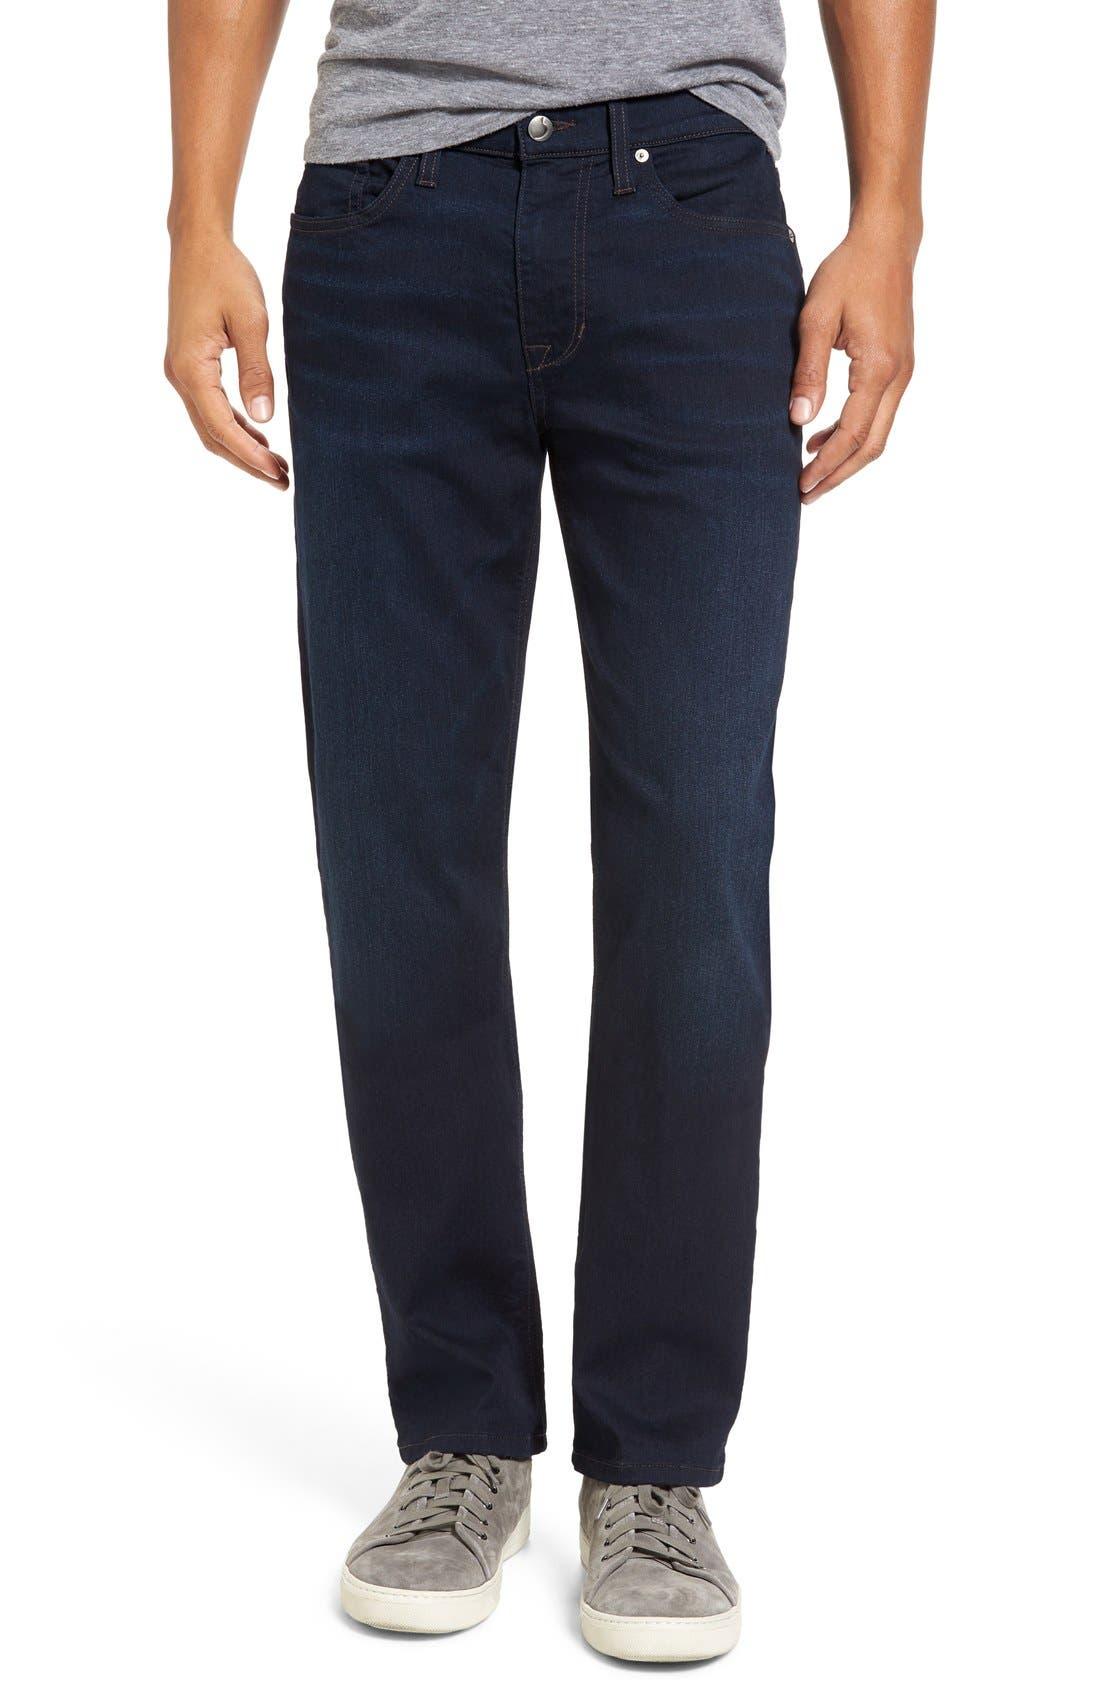 Brixton Kinetic Slim Straight Leg Jeans,                             Main thumbnail 1, color,                             400